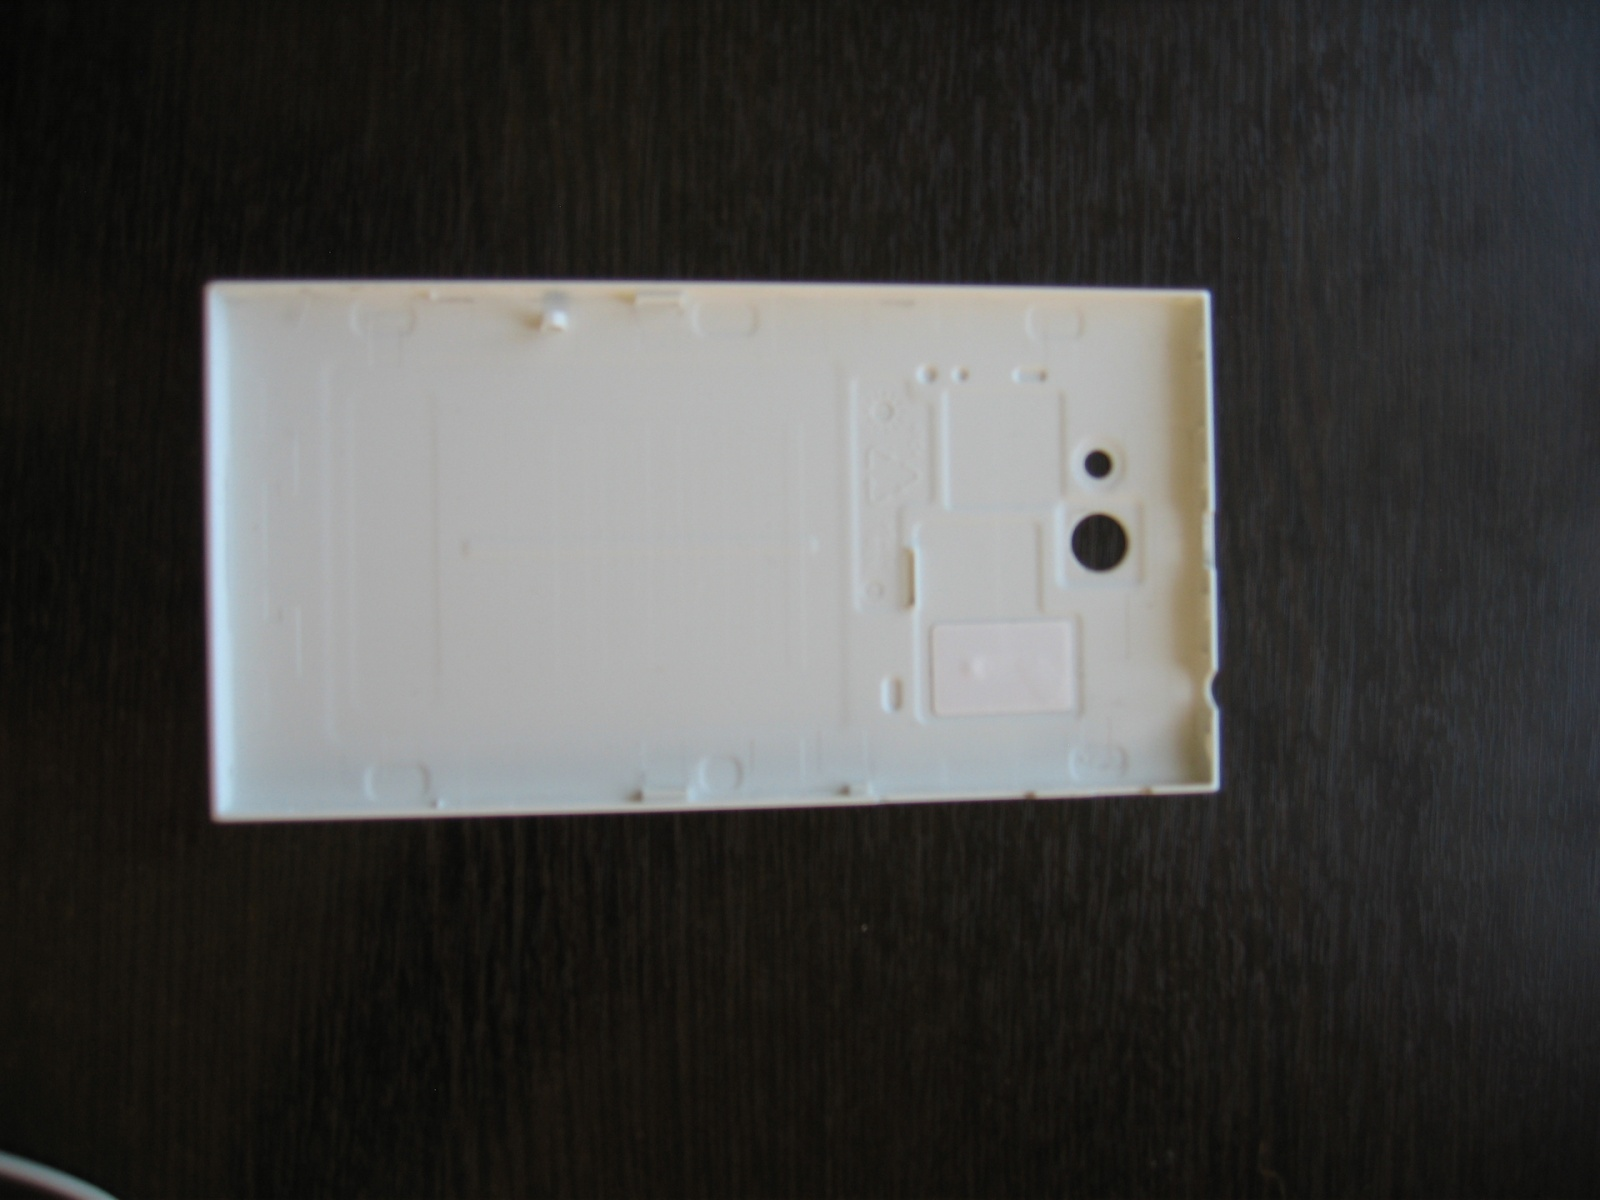 Очередной обзор Sailfish OS или муки выбора подходящей мобильной ОС - 24